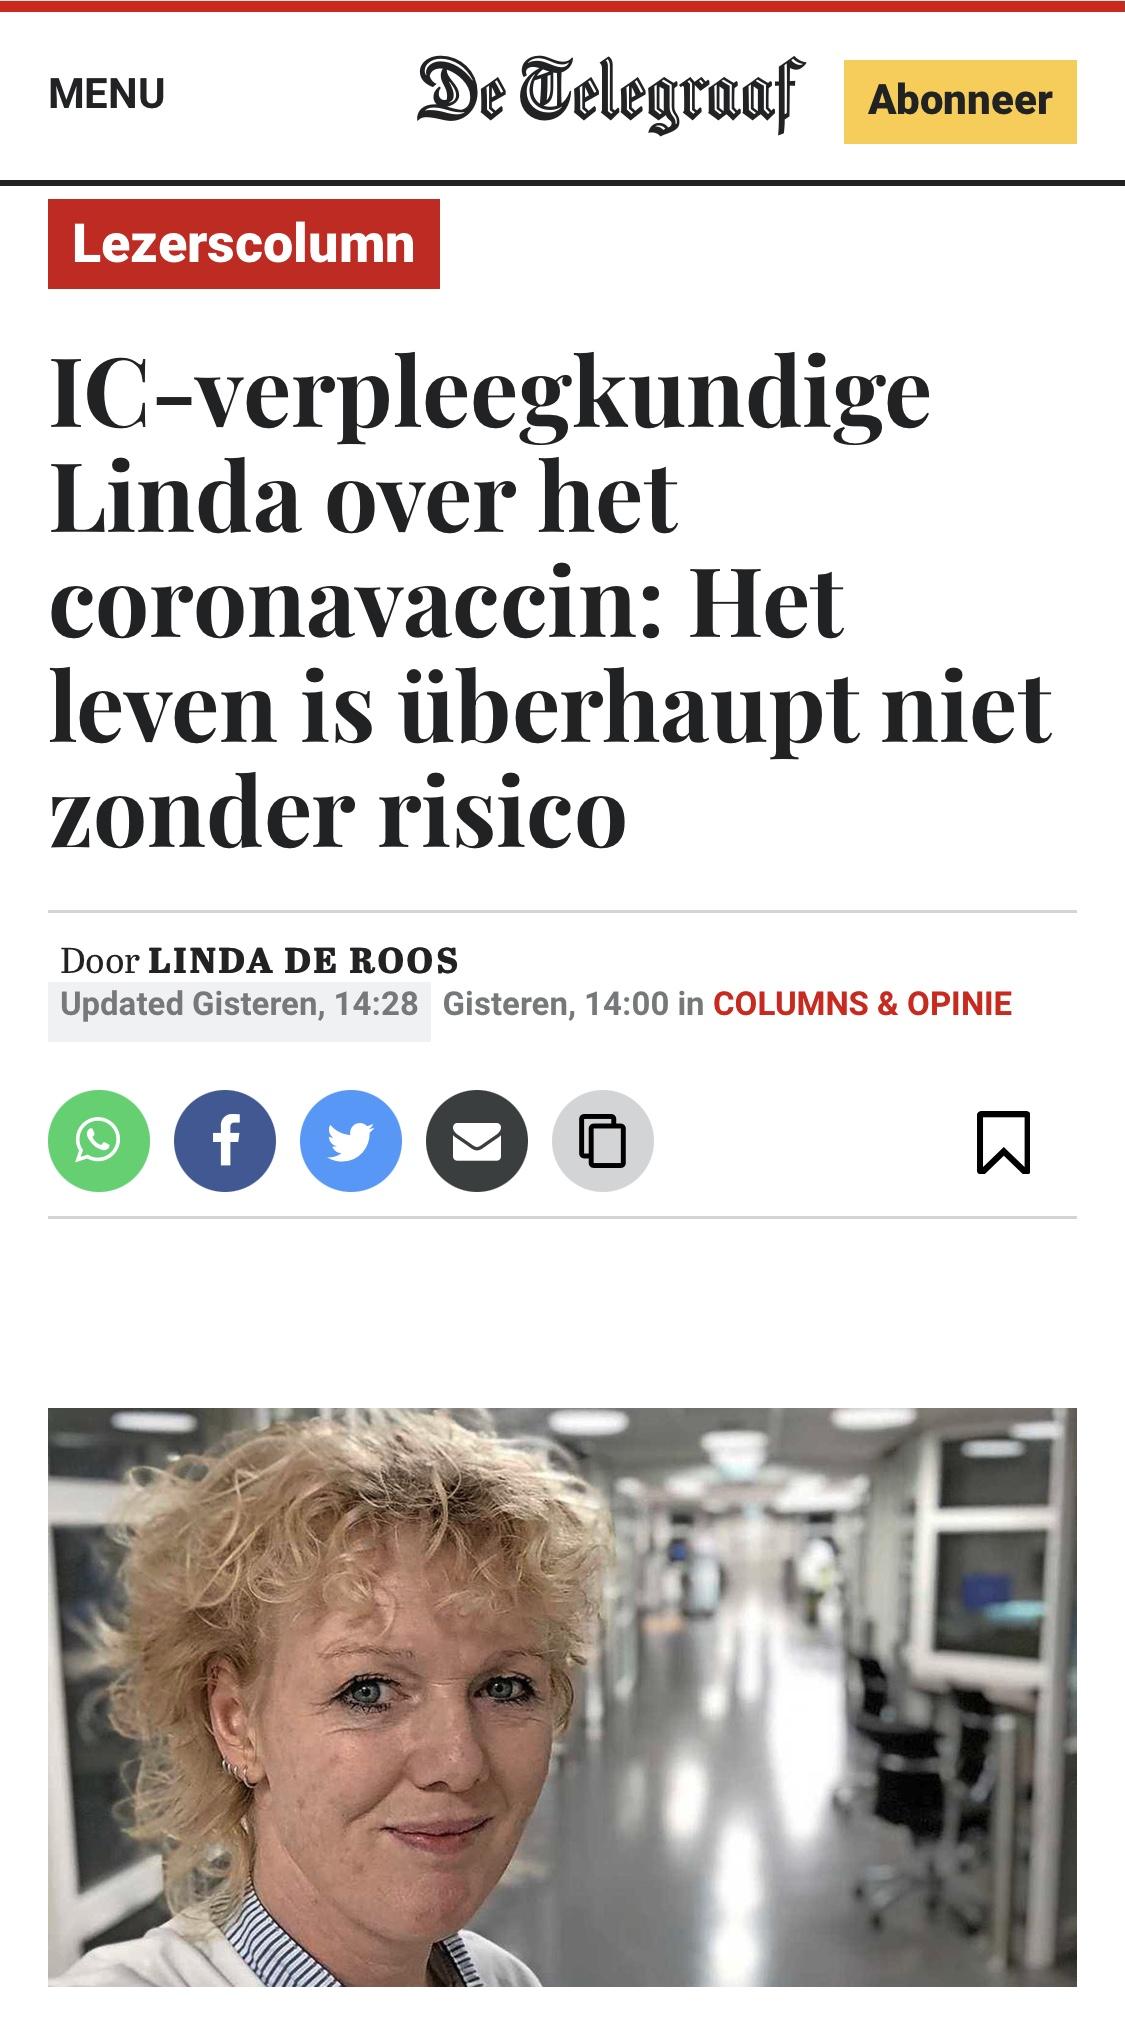 Linda in de Telegraaf